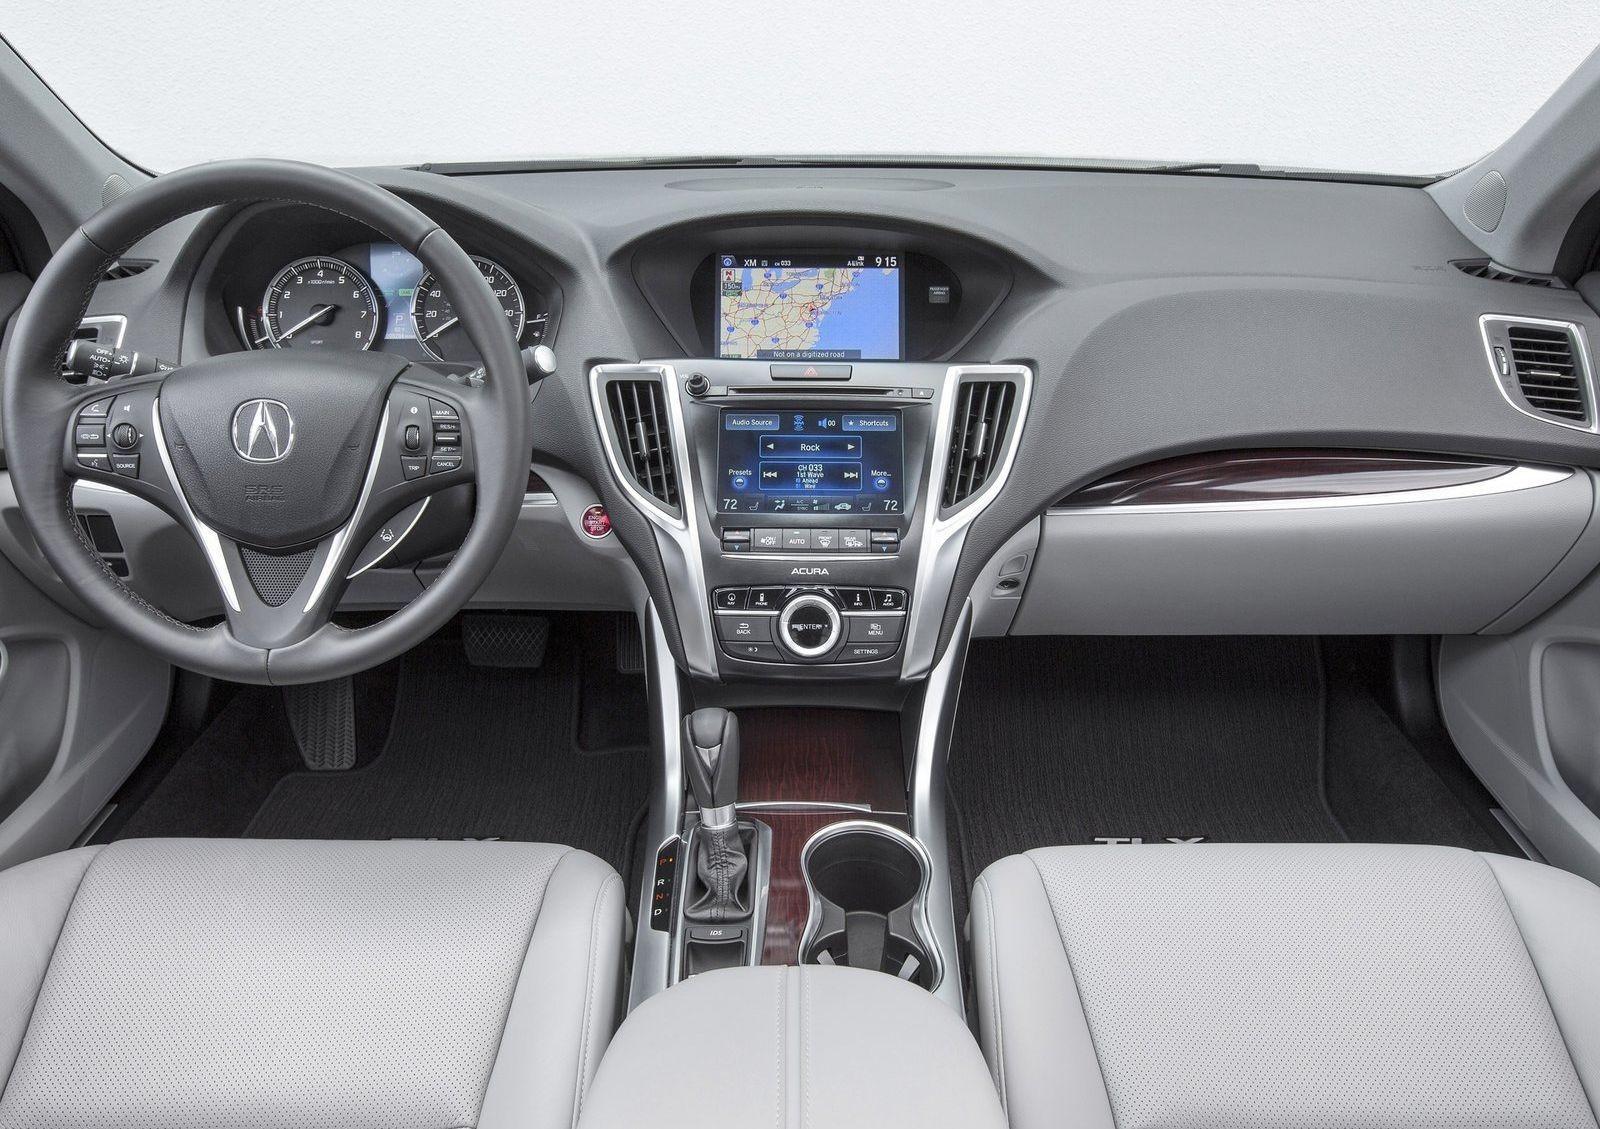 Максимальная редкость, уникальные опции: стоит ли покупать Acura TLX за 1,8 миллиона рублей